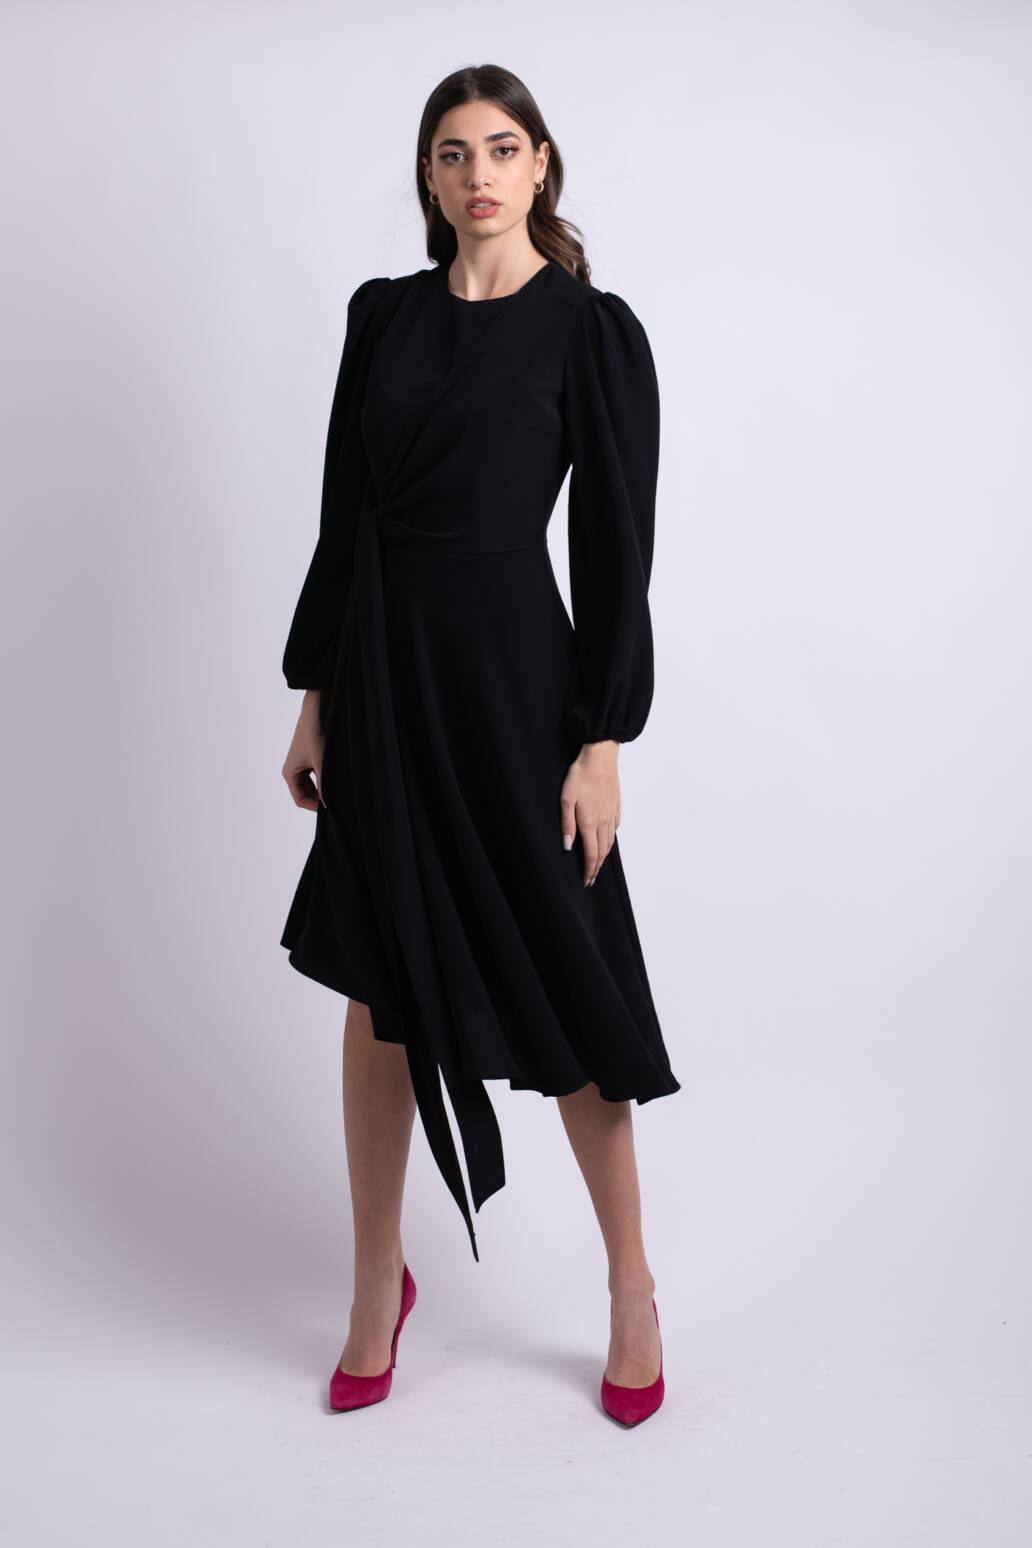 rochie neagra 1 uai